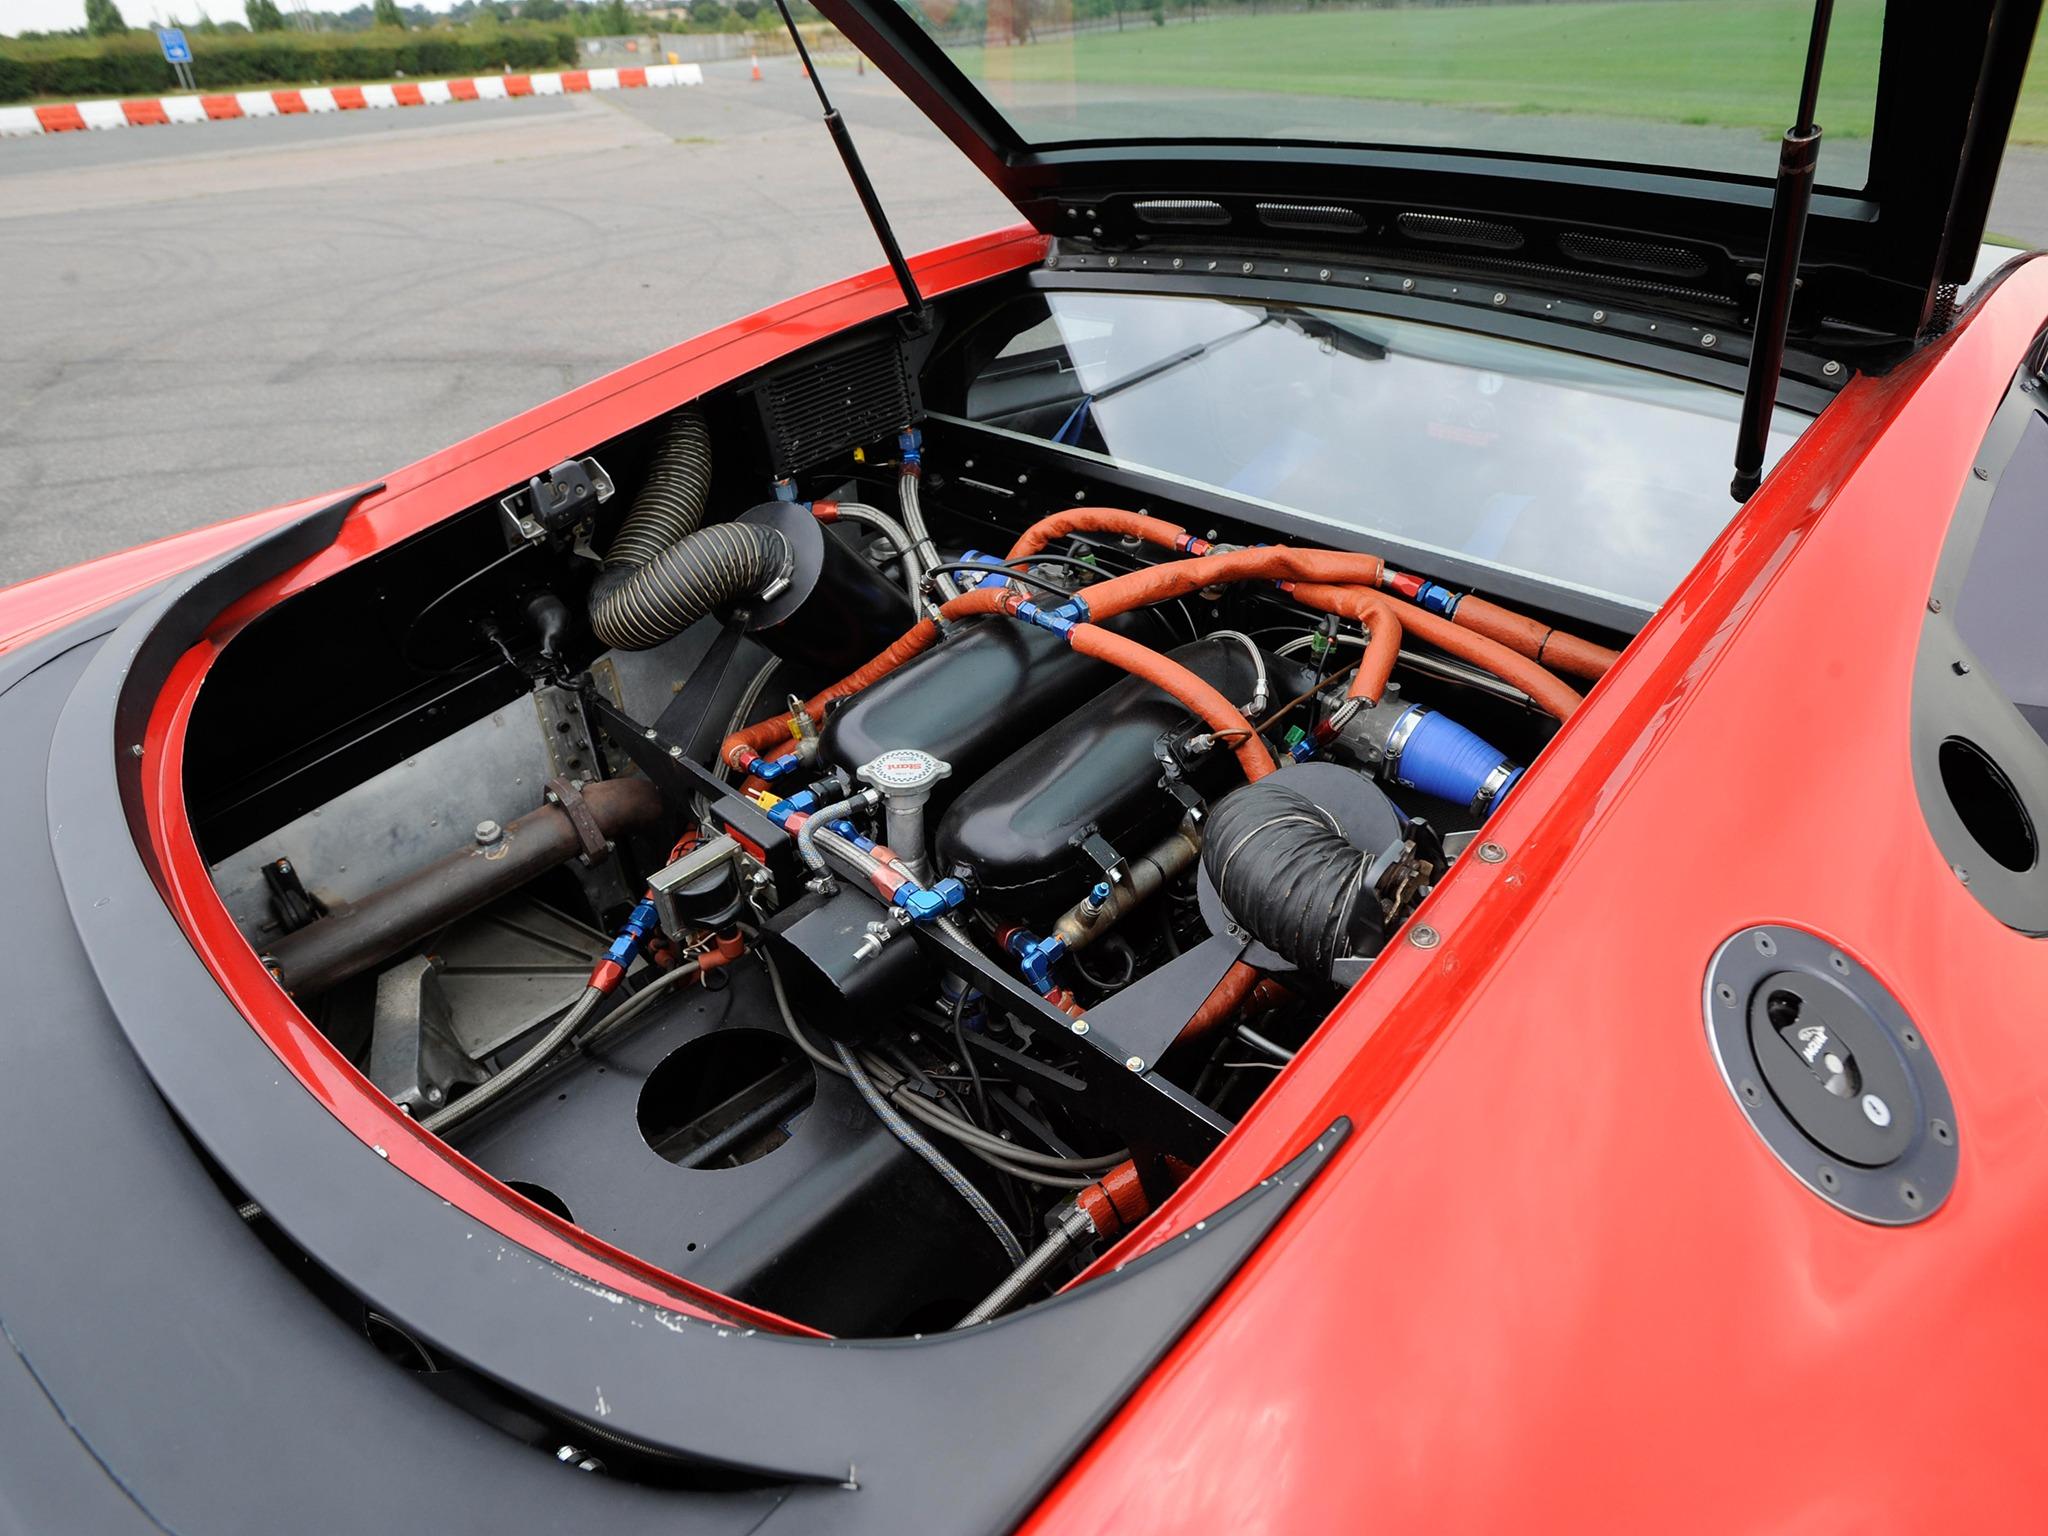 Top 10 Fastest Cars >> Jaguar XJ220 Concept & Prototype (1988-1990) - Old Concept ...